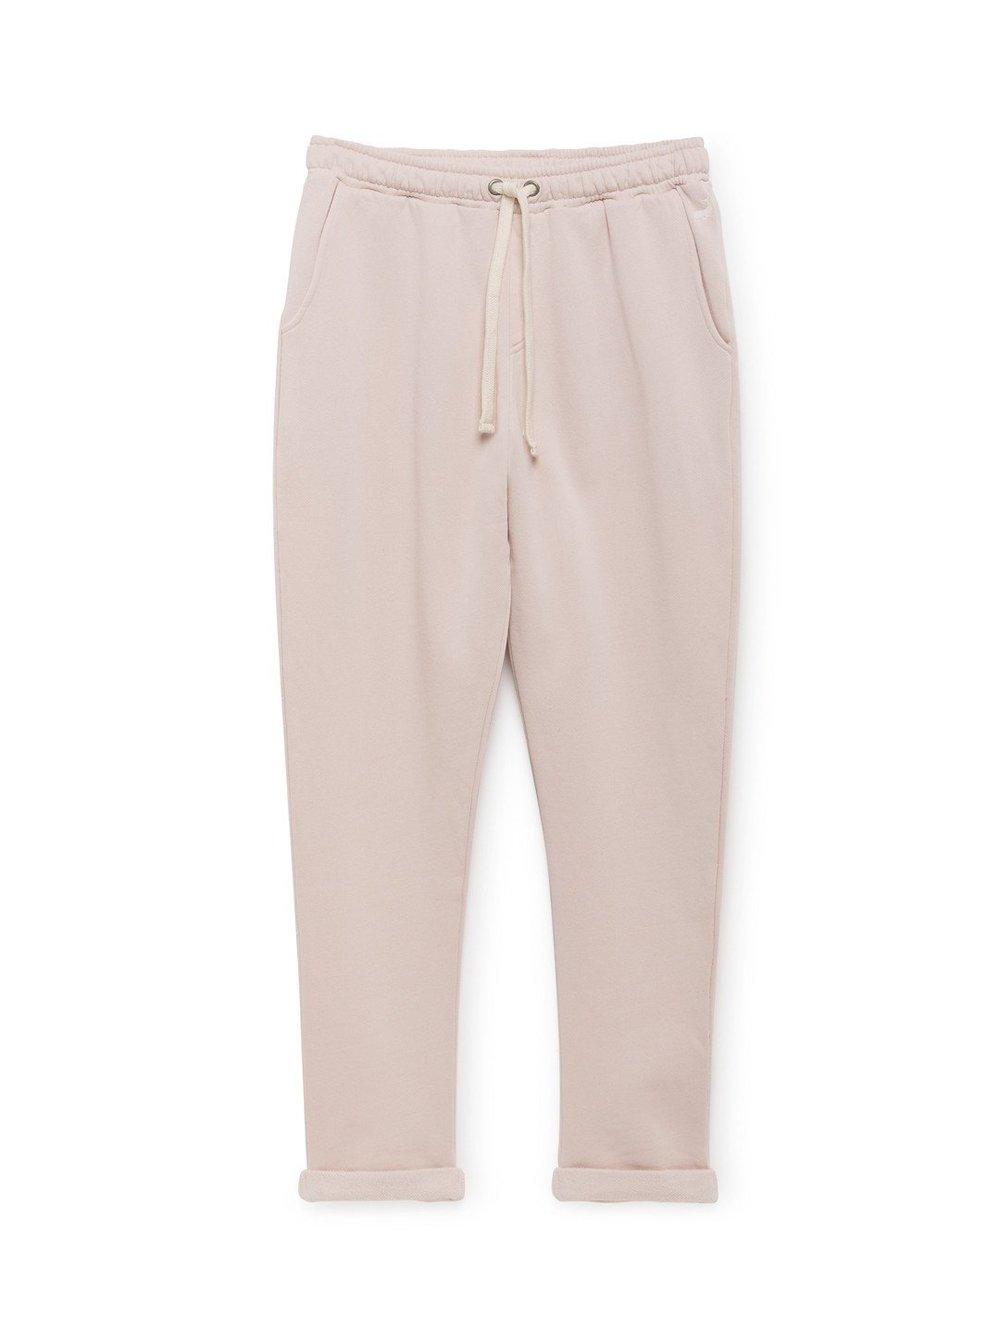 Corno Sweat Pants - Rose